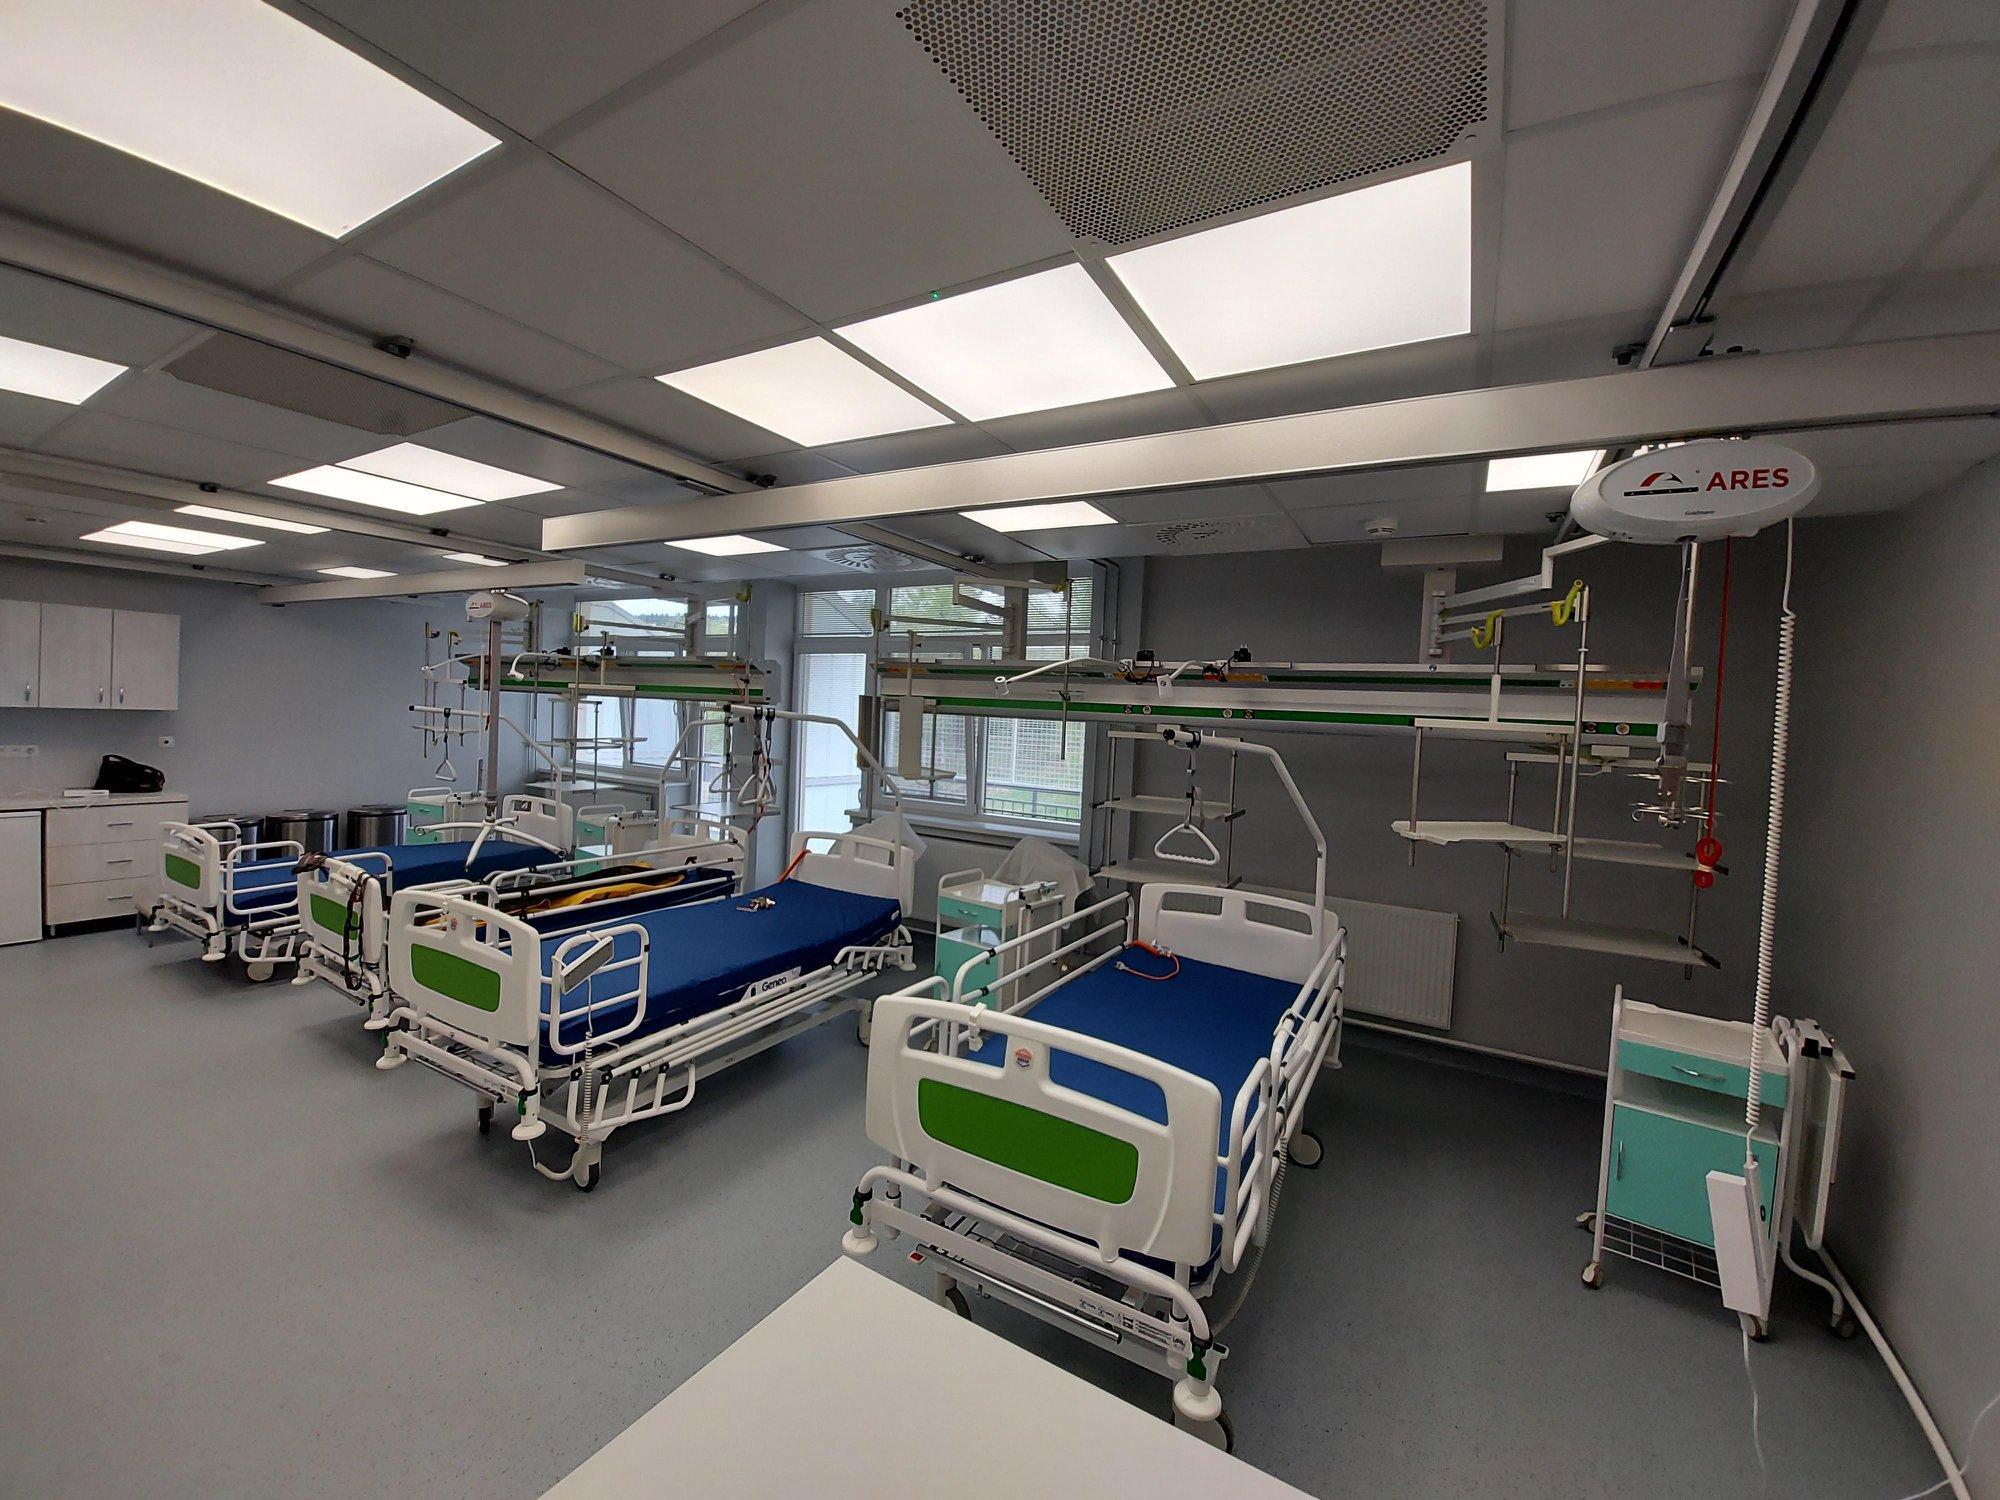 Inštalácia Stropných zdvihákov v Kysuckej nemocnici v Čadci